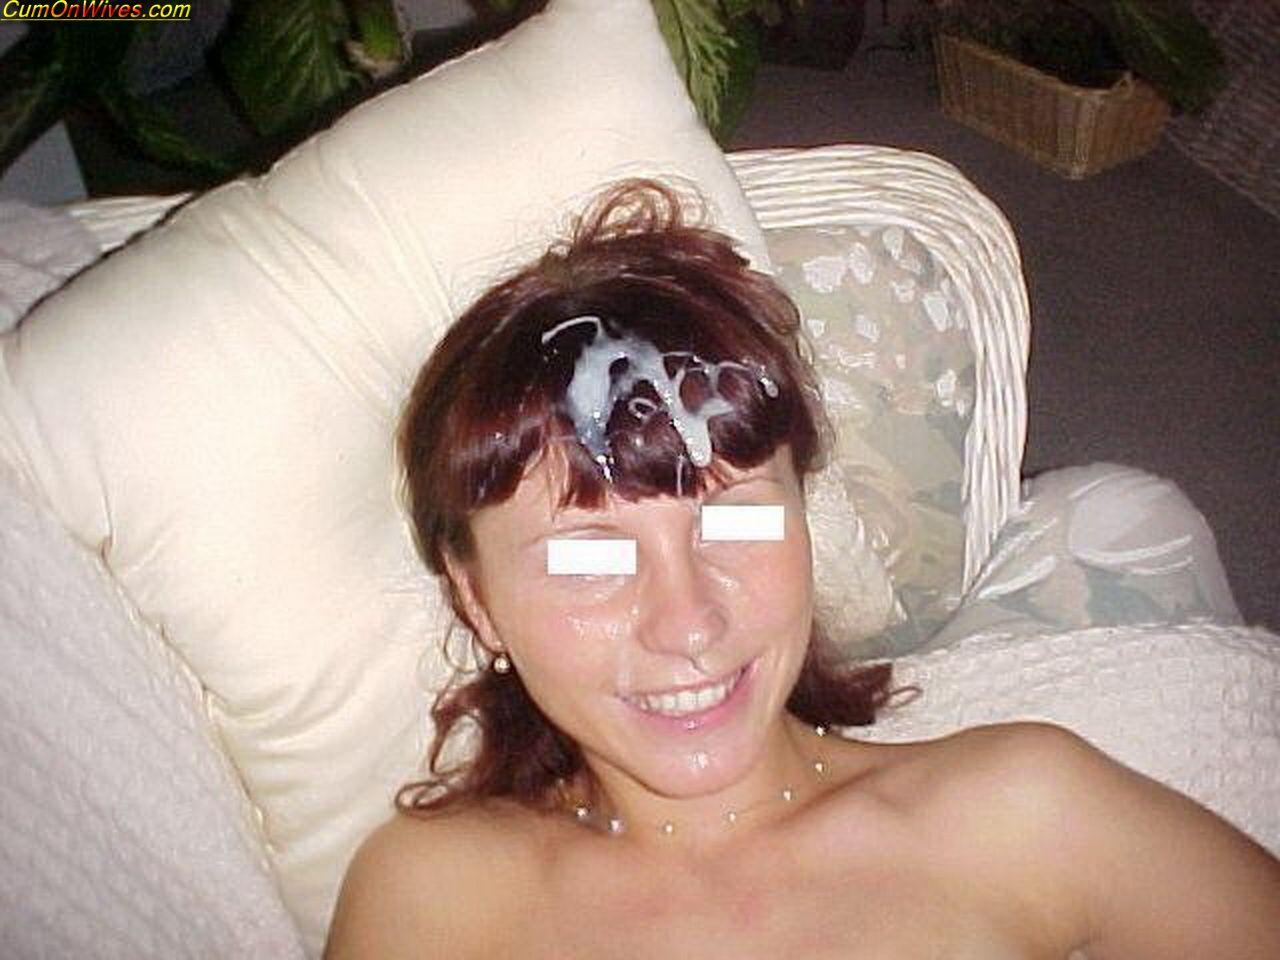 Сперма на волосы фото, Сперма на лице порно фото, девушкам кончают на лицо 13 фотография